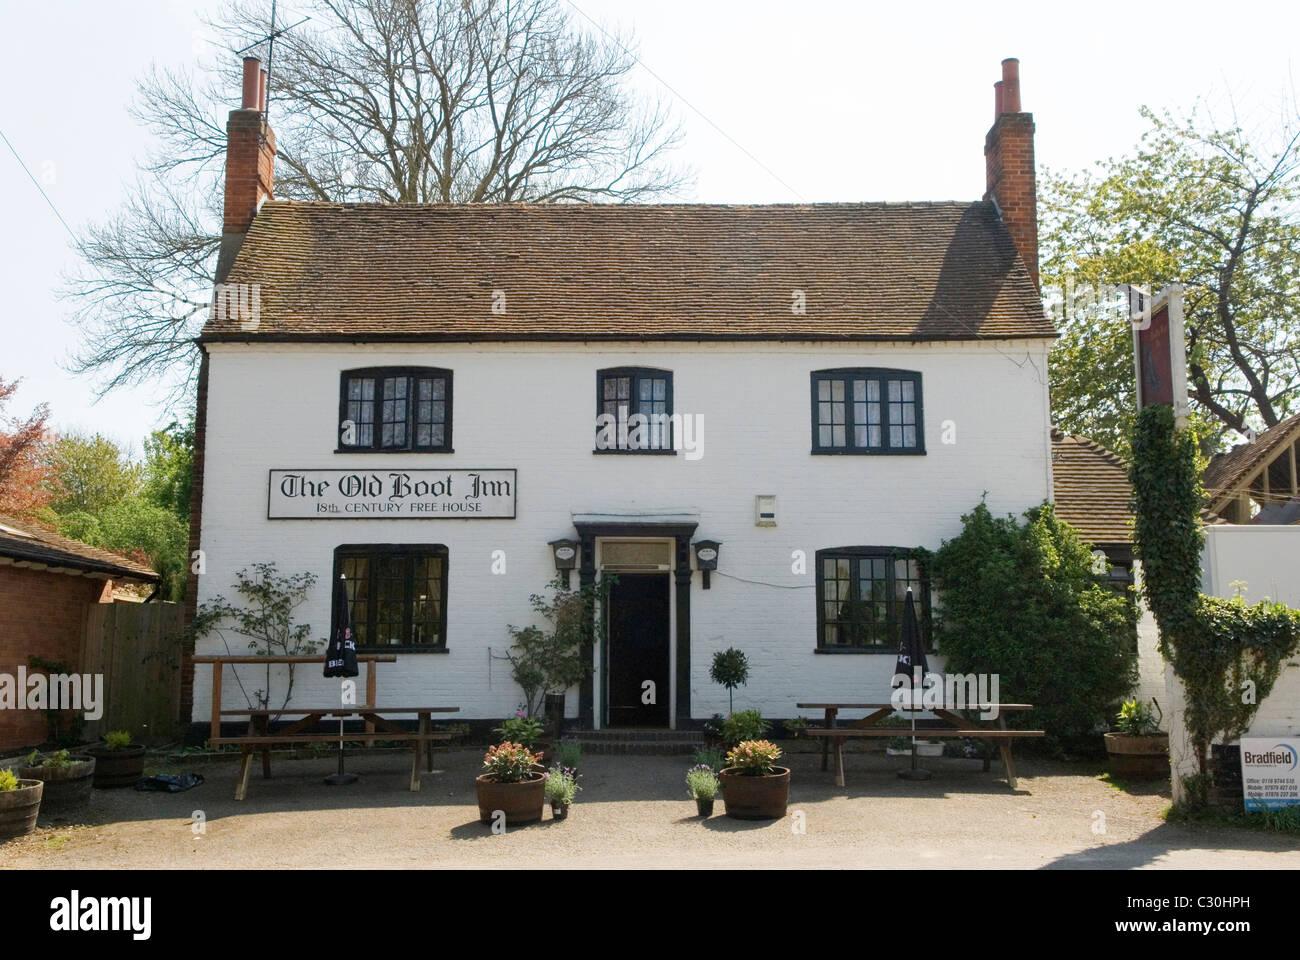 Old Boot Inn Stanford Dingley Reading Berkshire Uk Where